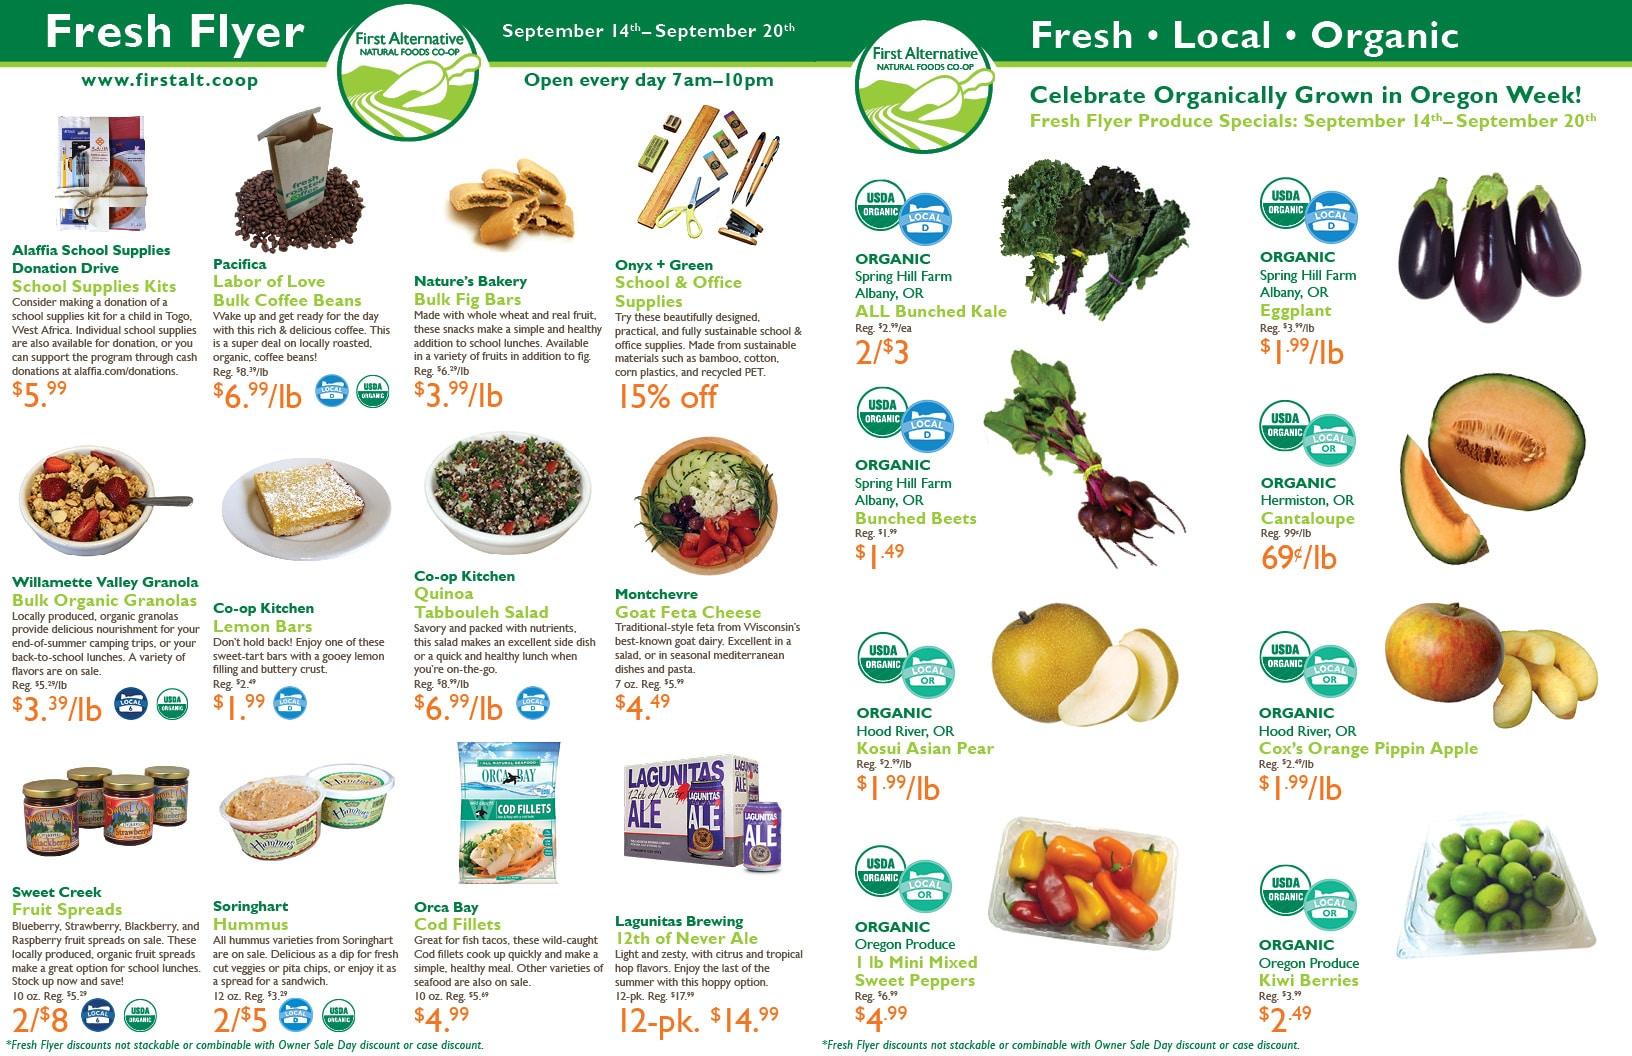 First Alternative Co-op Fresh Flyer September 14-20